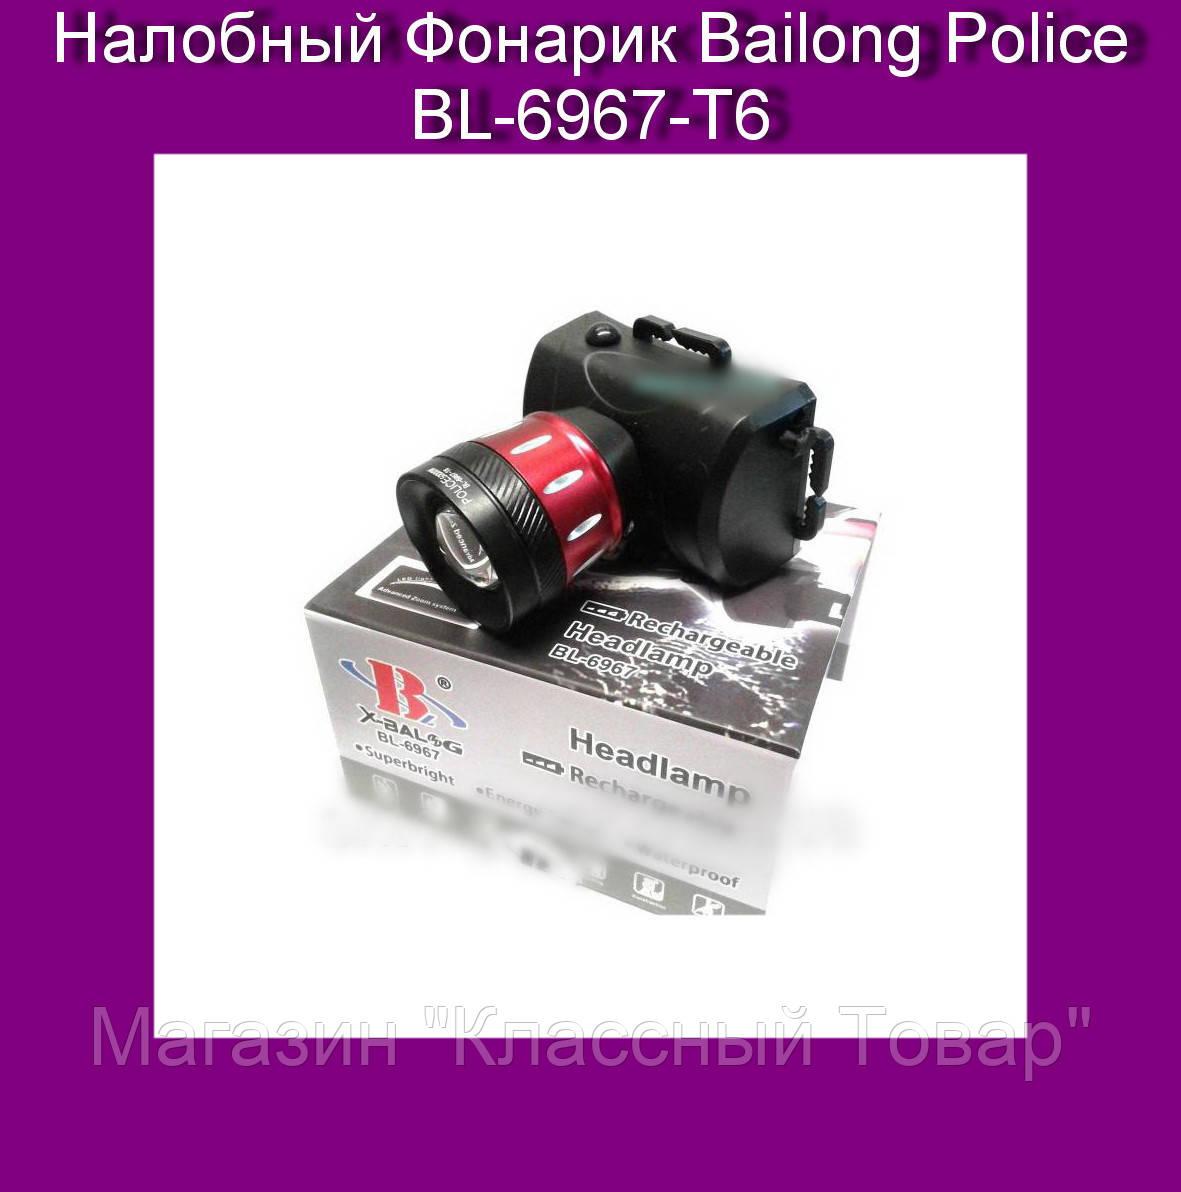 Налобный Фонарик Bailong Police BL-6967-T6! Лучший подарок